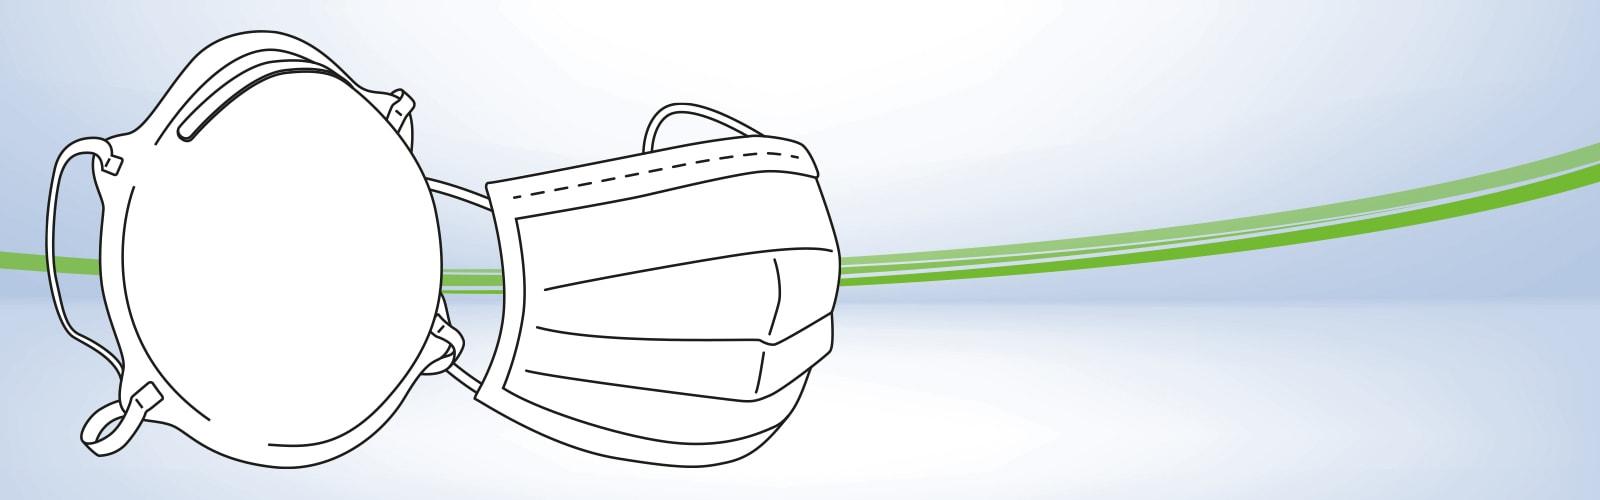 Surgical Masks vs. FFP Masks